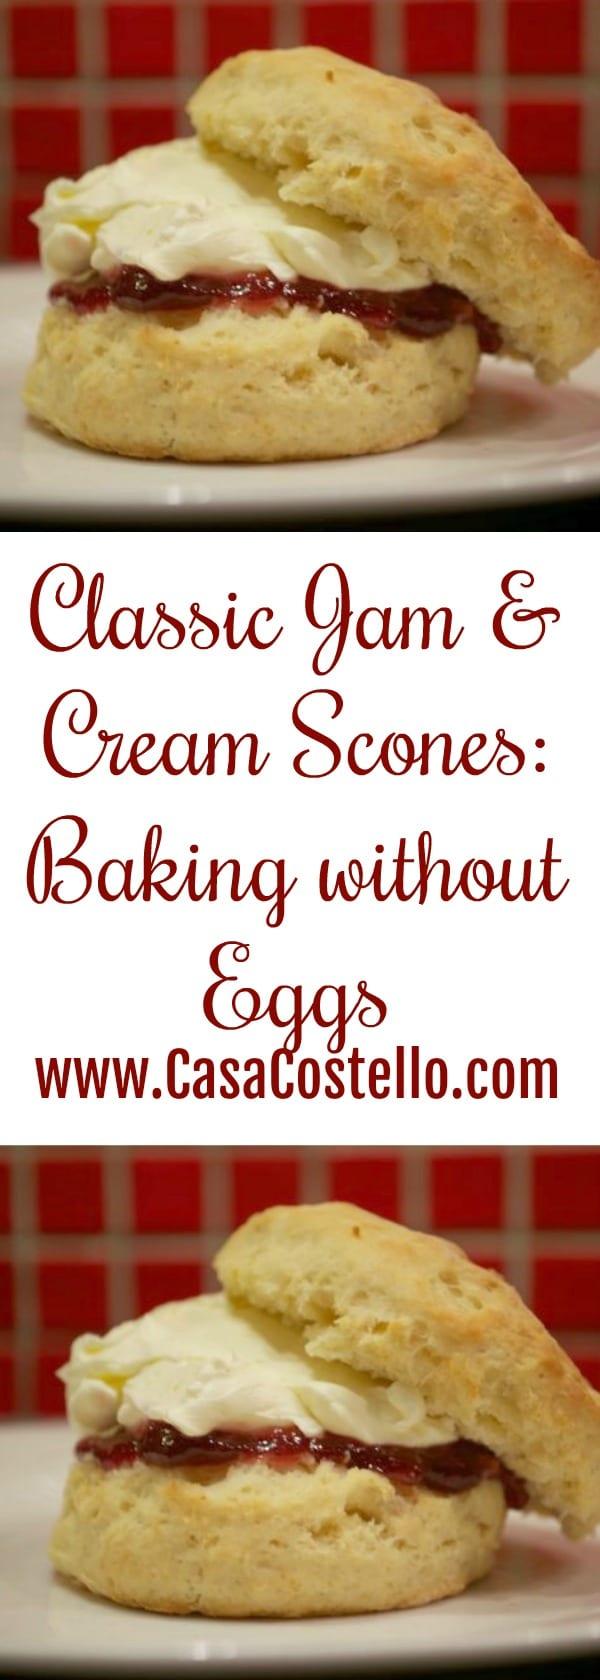 Classic Jam & Cream Scones: Baking without Eggs